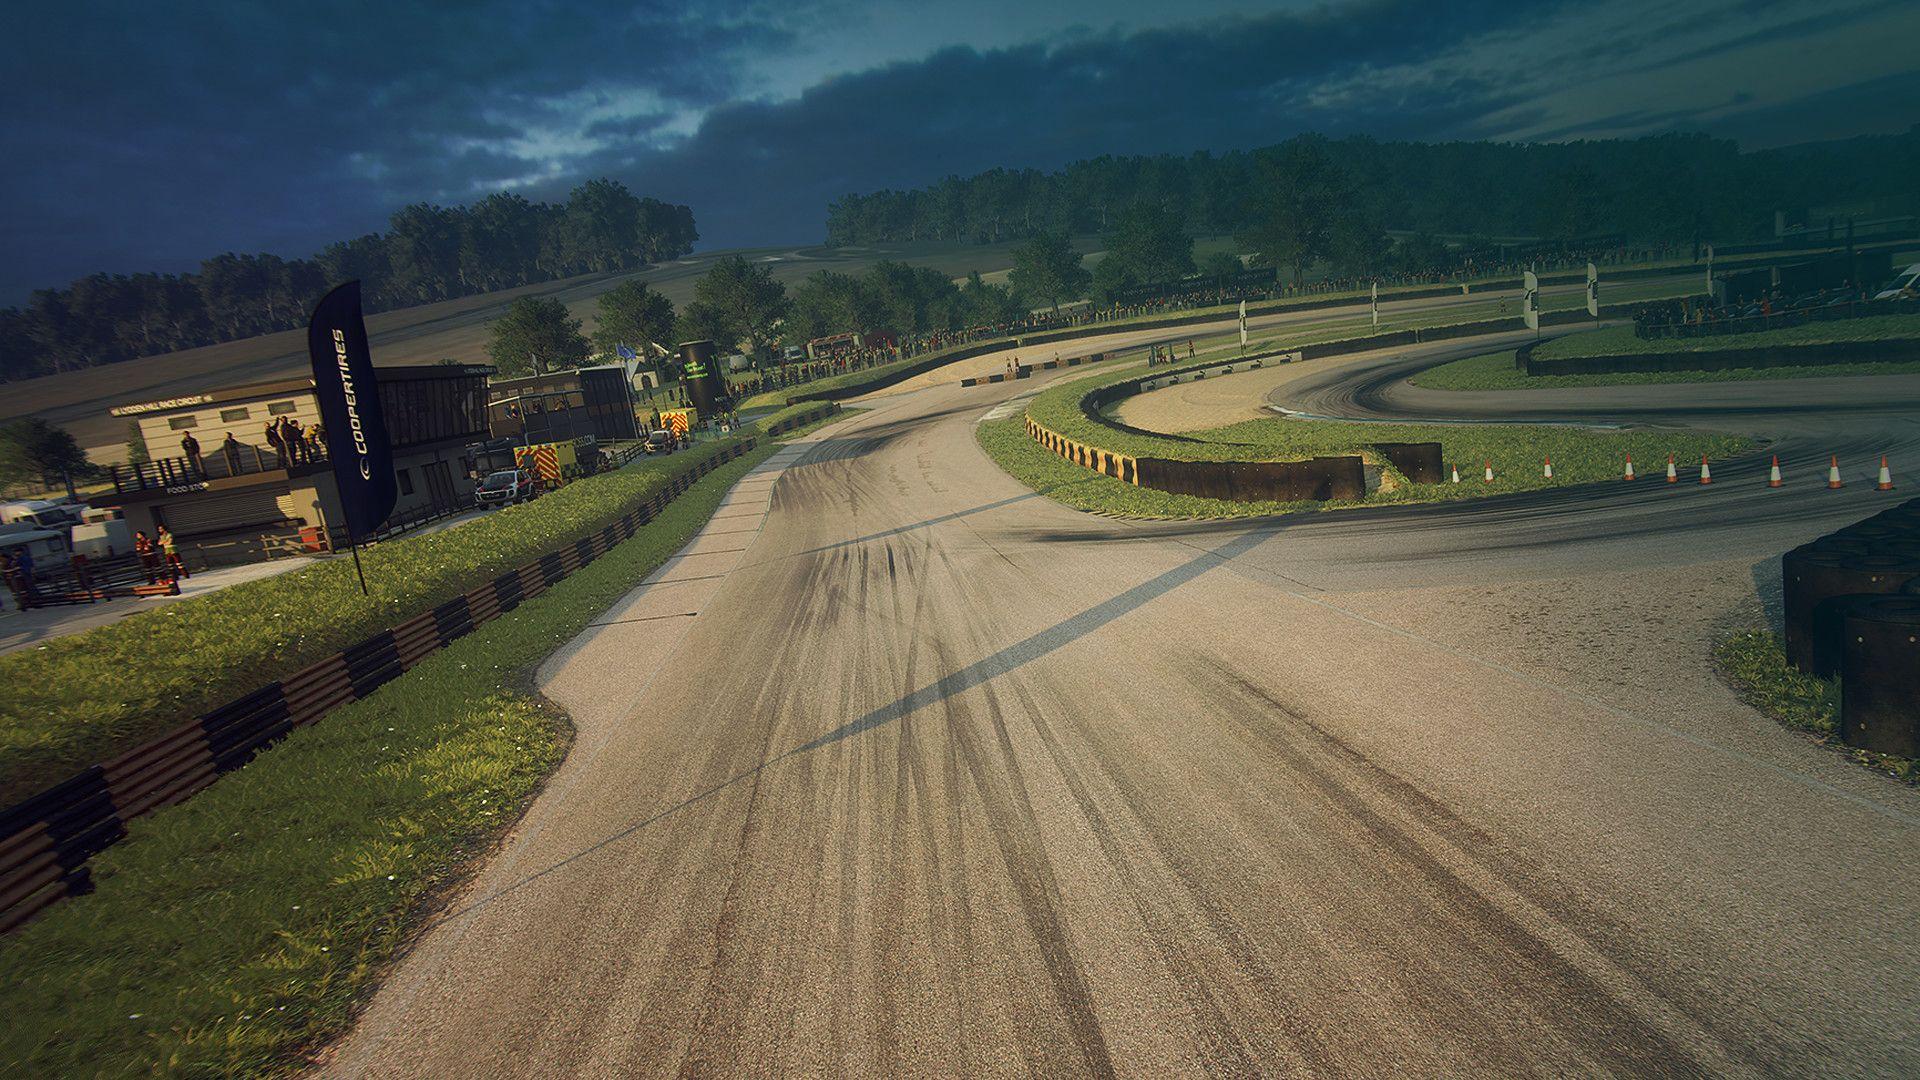 DiRT Rally 2.0 - Lydden Hill, UK (Rallycross Track)